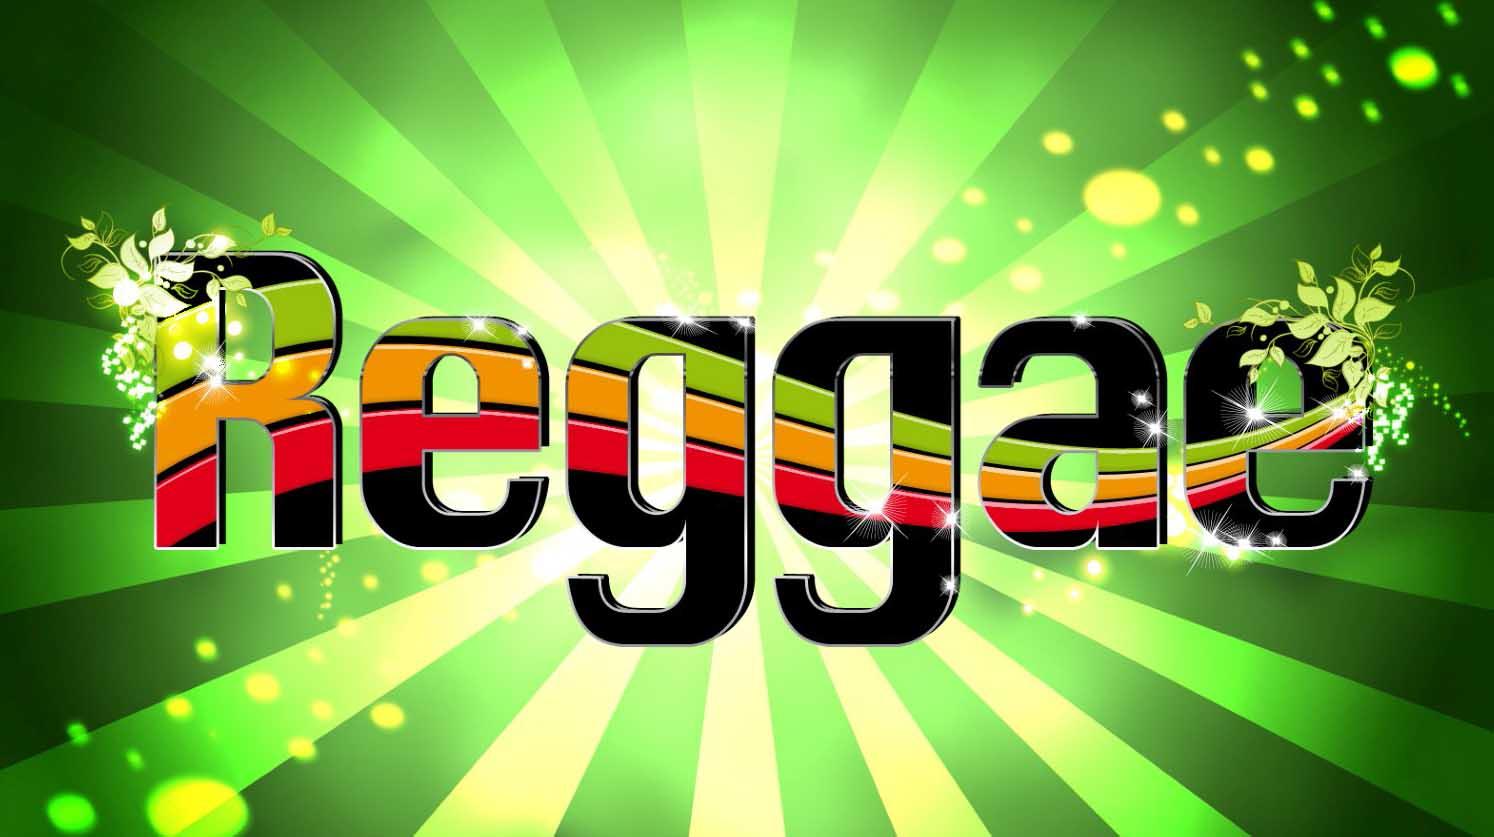 Gambar Reggae Baru Indonesia Download Gratis 1494x837